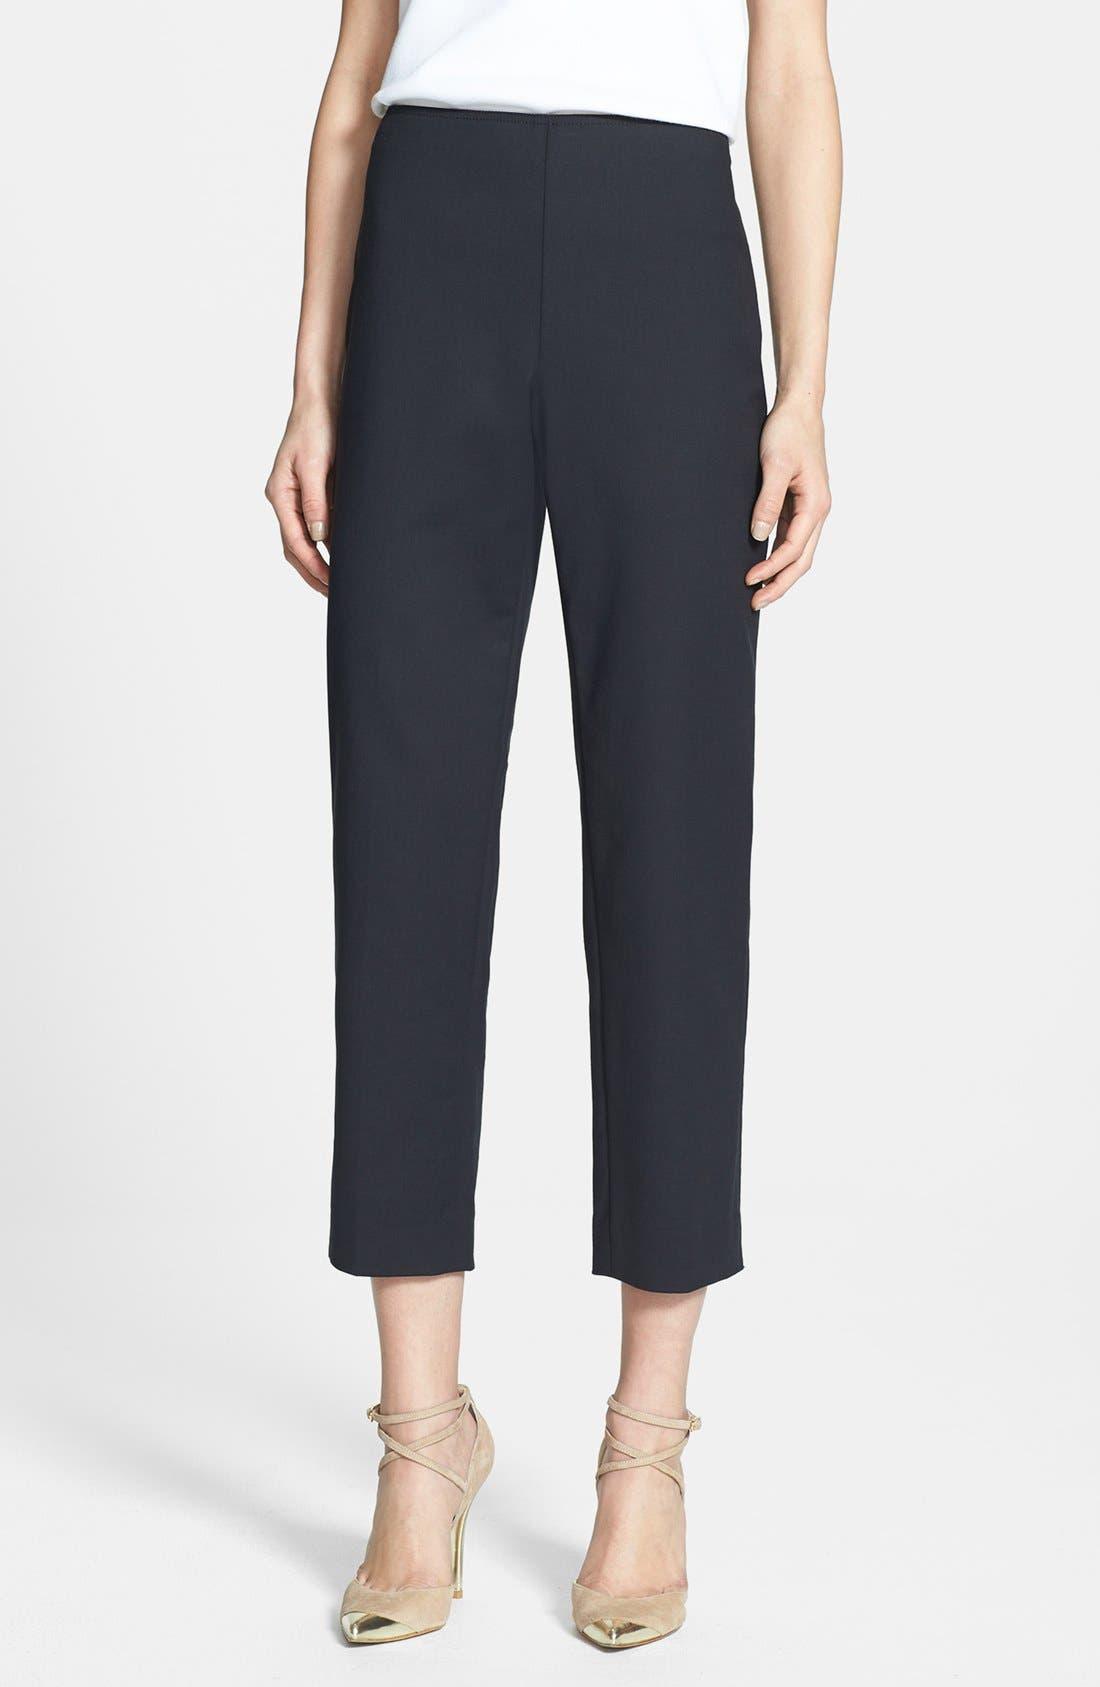 Main Image - St. John Yellow Label 'Audrey' Double Weave Stretch Cotton Capri Pants